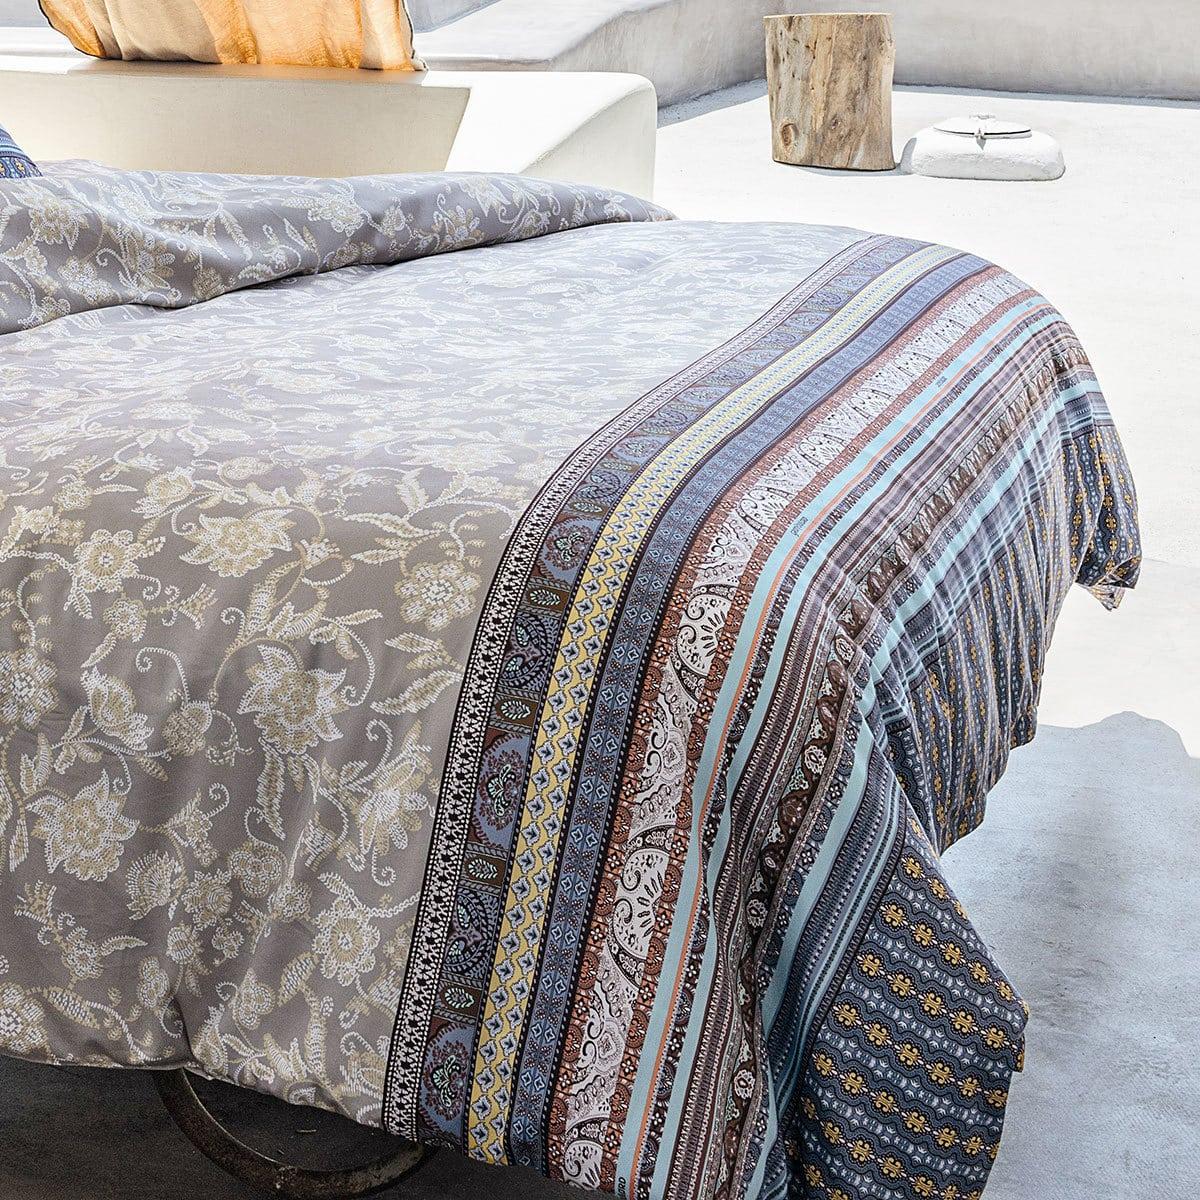 bassetti mako satin bettw sche sateria v7 g nstig online kaufen bei bettwaren shop. Black Bedroom Furniture Sets. Home Design Ideas